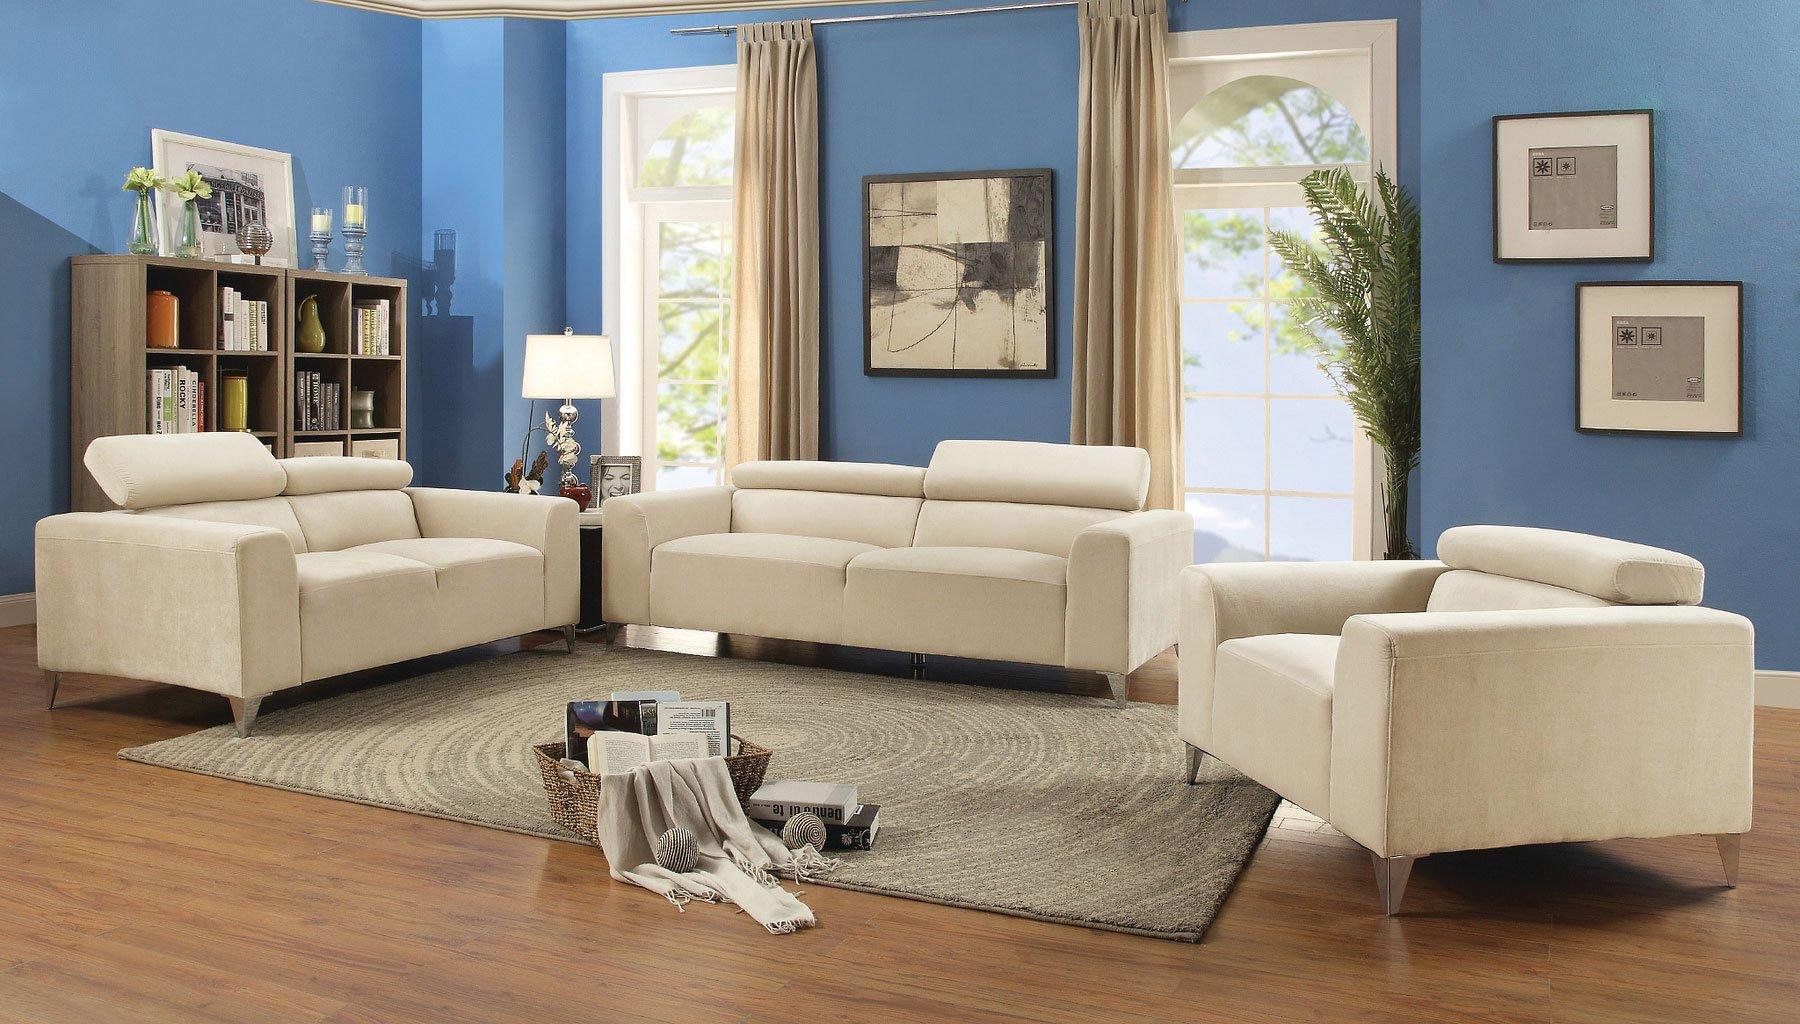 G334 Living Room Set Beige Living Room Sets Living